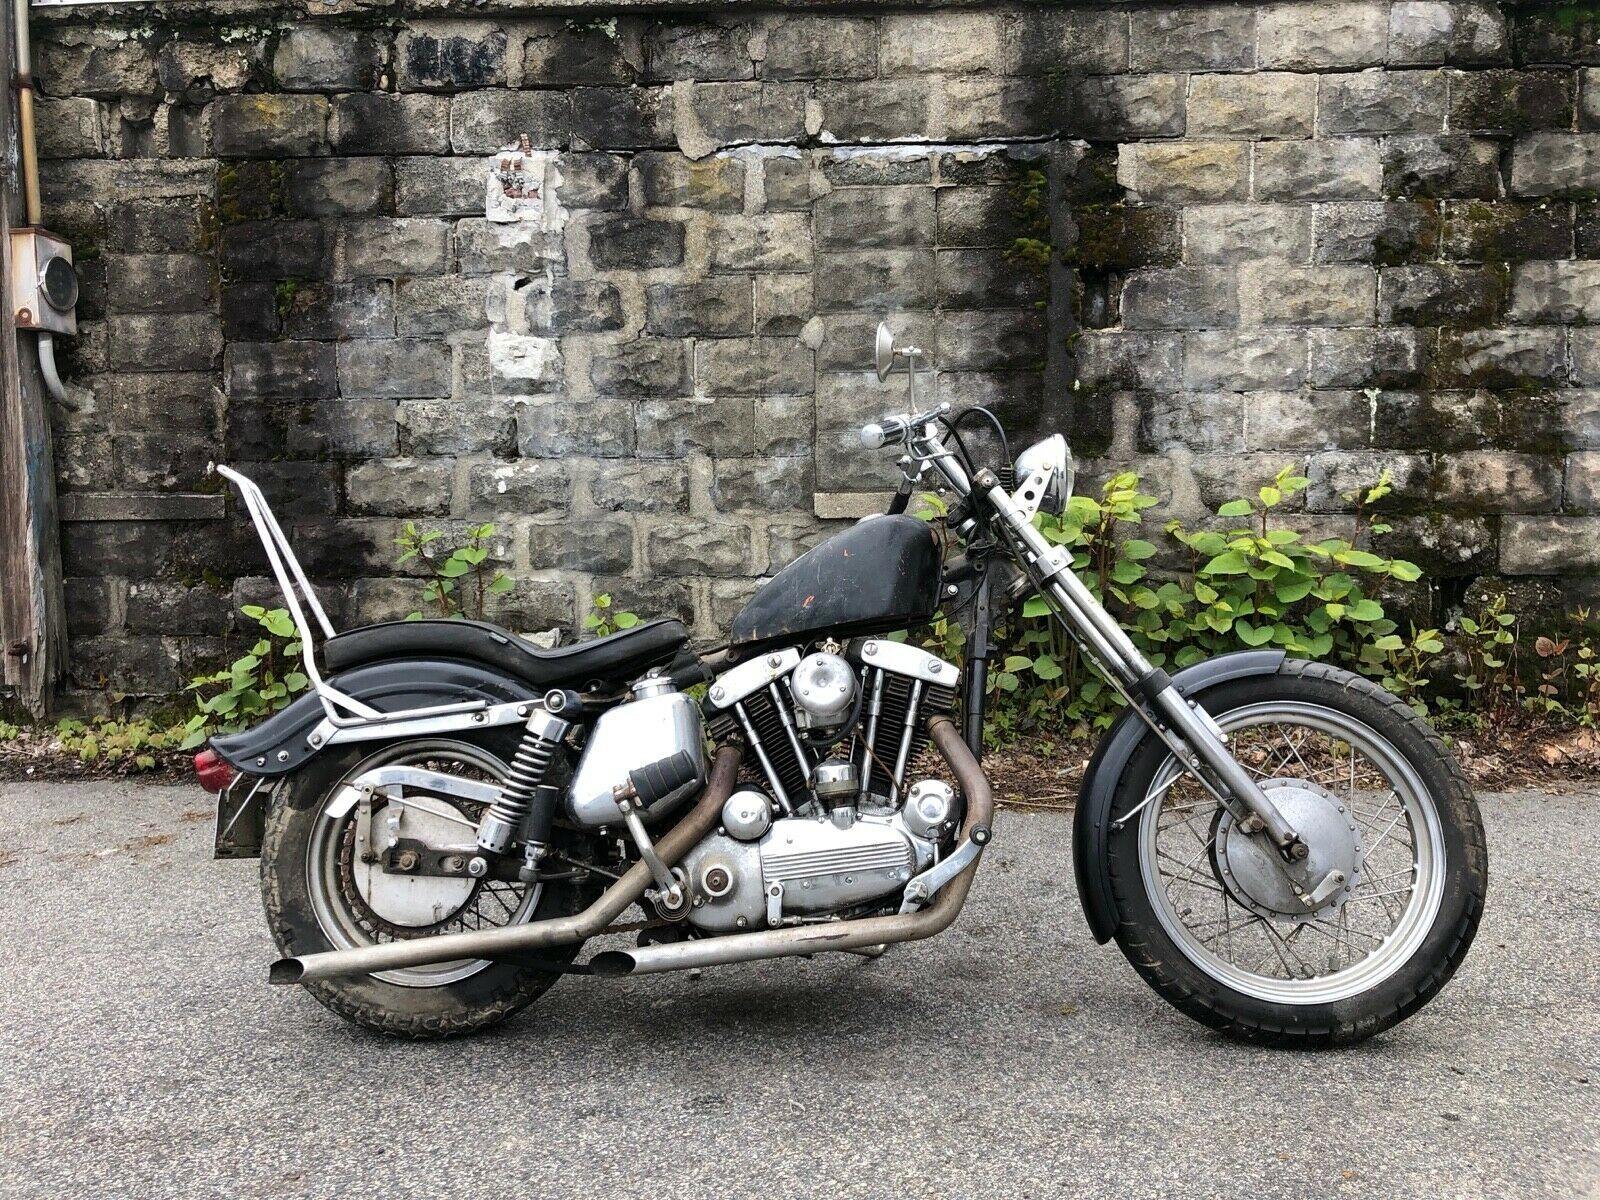 1970 Harley Davidson Shovelhead Wiring 1970 Harley Davidson Sportster 1970 Xlh Ironhead Sportster Of 1970 Harley Davidson Shovelhead Wiring